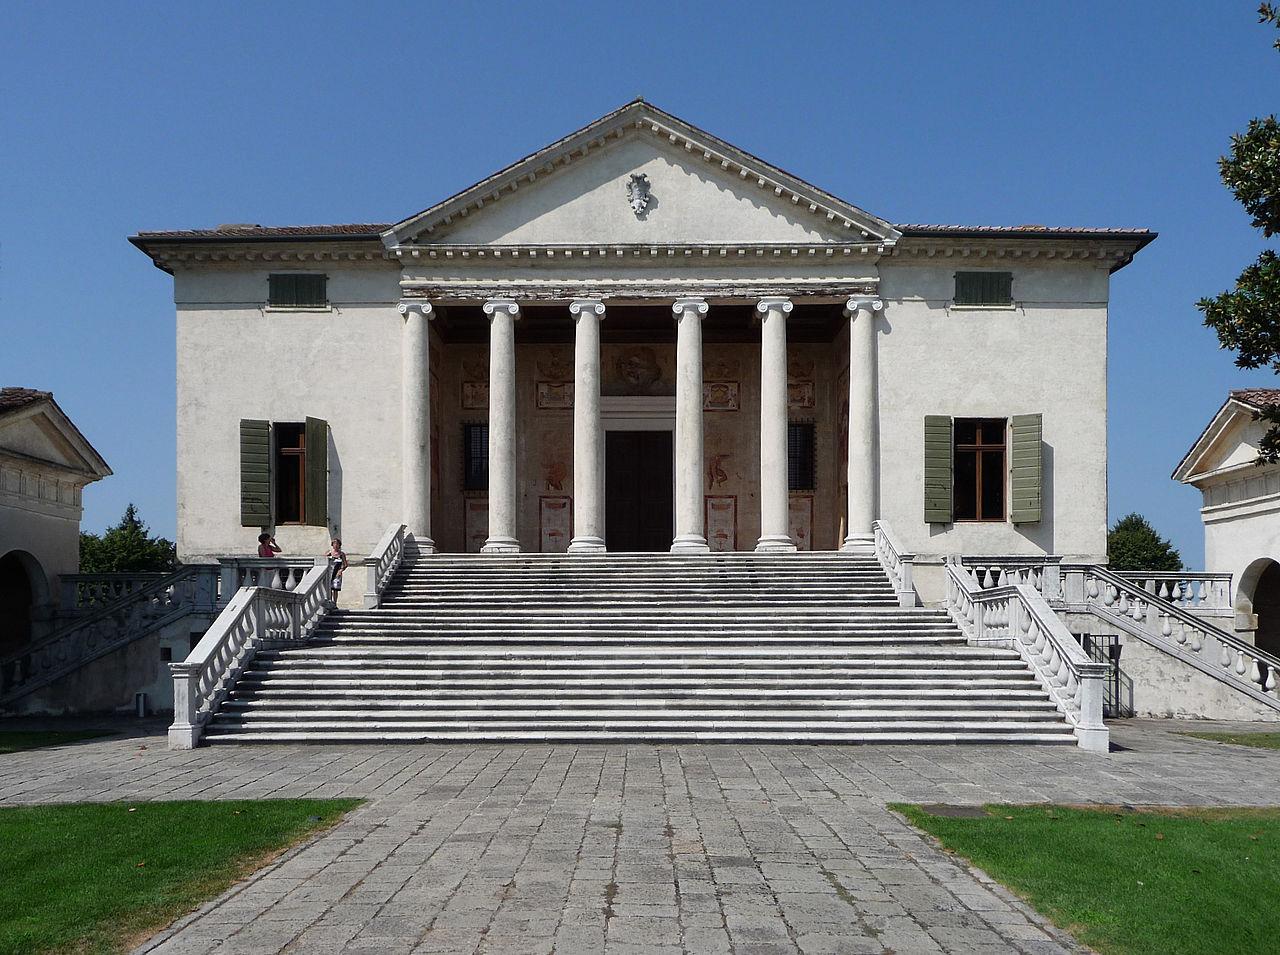 Villa Badoer, Fratta Polesine<br /><br />A tervet Palladio 1556-ban készítette, a rá következő évben el is kezdték az építkezést, melyet 1565-ben fejeztek be. Egy középkori kastély helyén áll, ez lehet az oka annak, hogy ilyen magas alapon található.<br /><br />Kép: Wikimedia Commons / Marcok